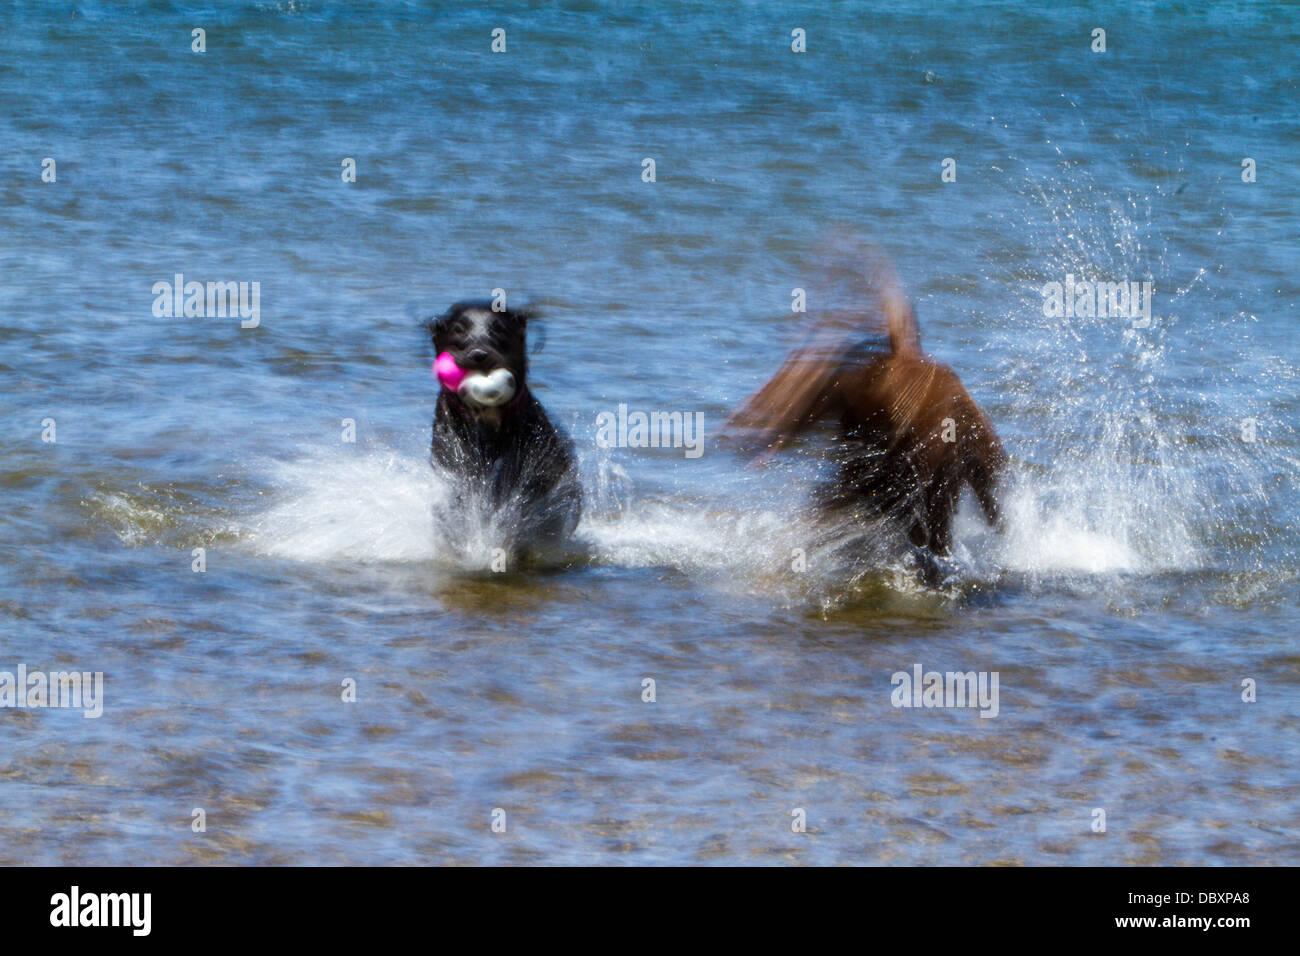 motion-blur-photos-of-labrador-retrievers-splashing-in-a-lake-DBXPA8.jpg